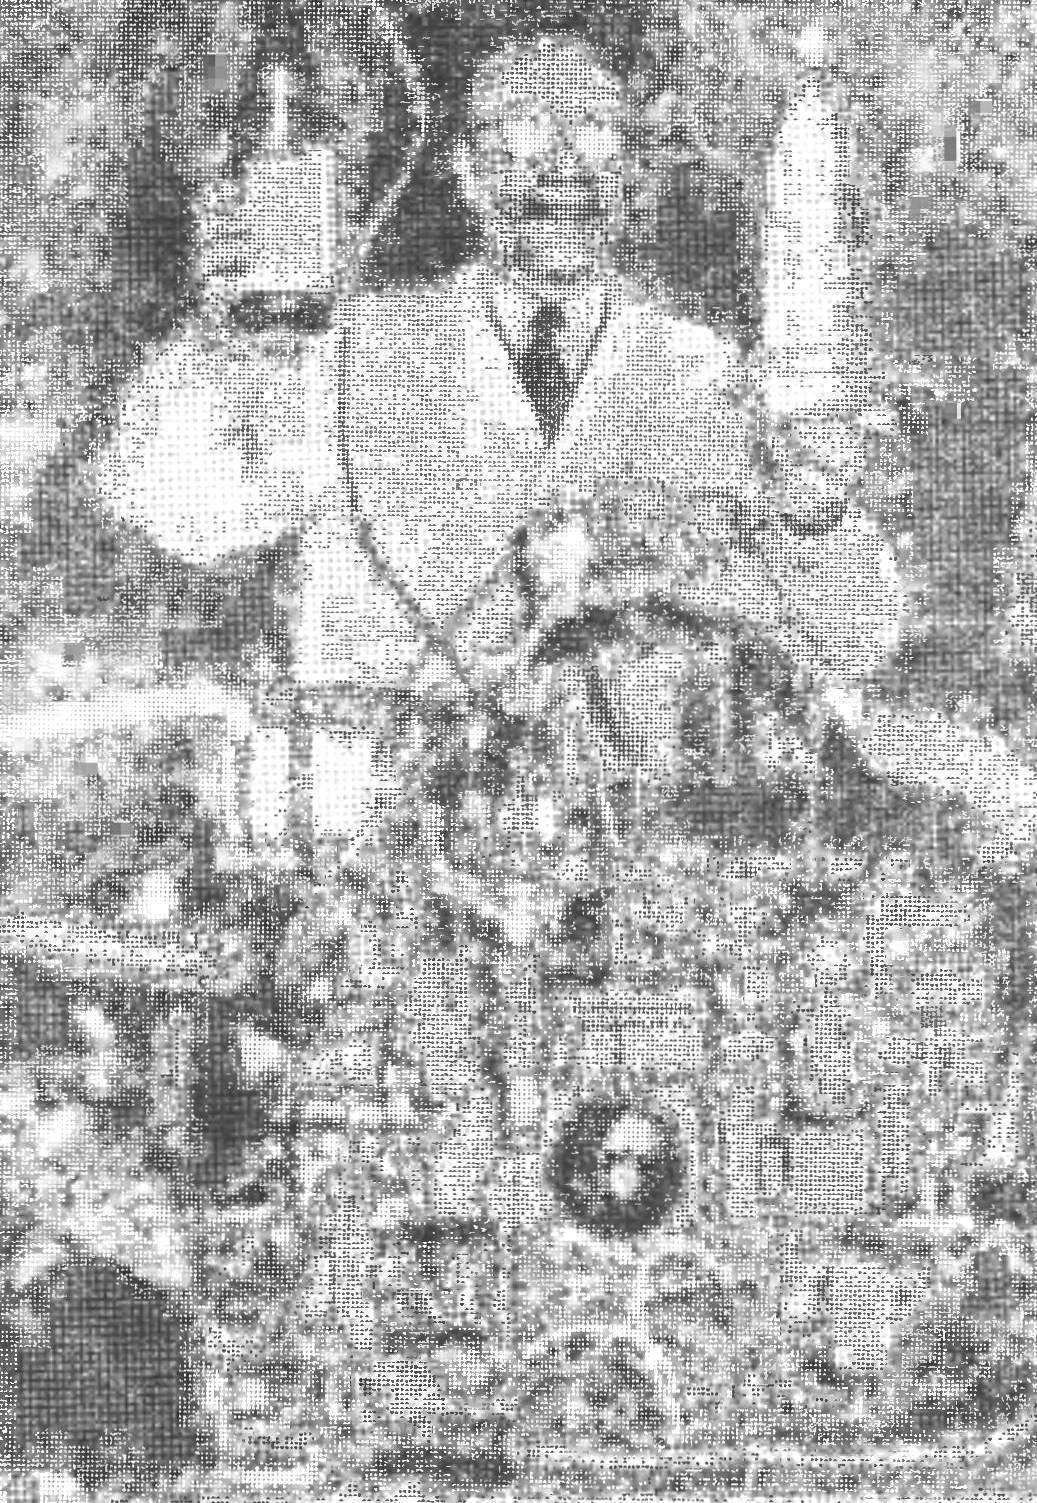 Жан Шамбрен, которому пресса приписывает изобретение «водяного» двигателя внутреннего сгорания, демонстрирует мотор и топливо для него. В одной руне у него бутыль со спиртом, в другой — обычная вода.